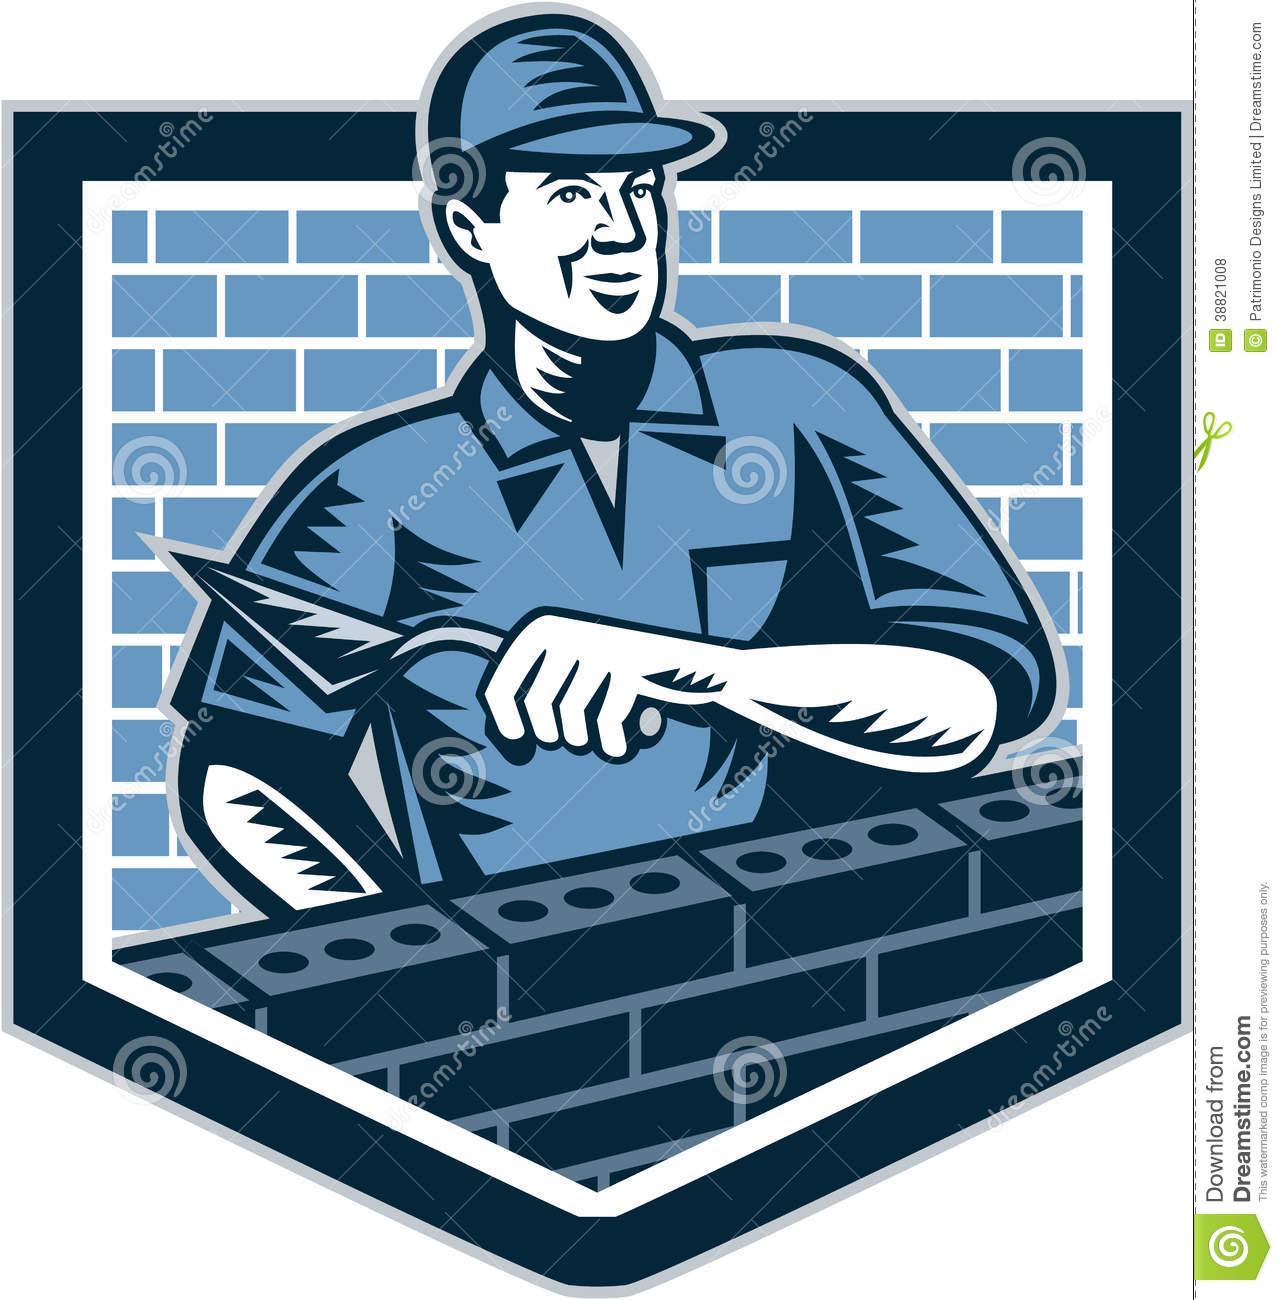 Brick masonry clipart.